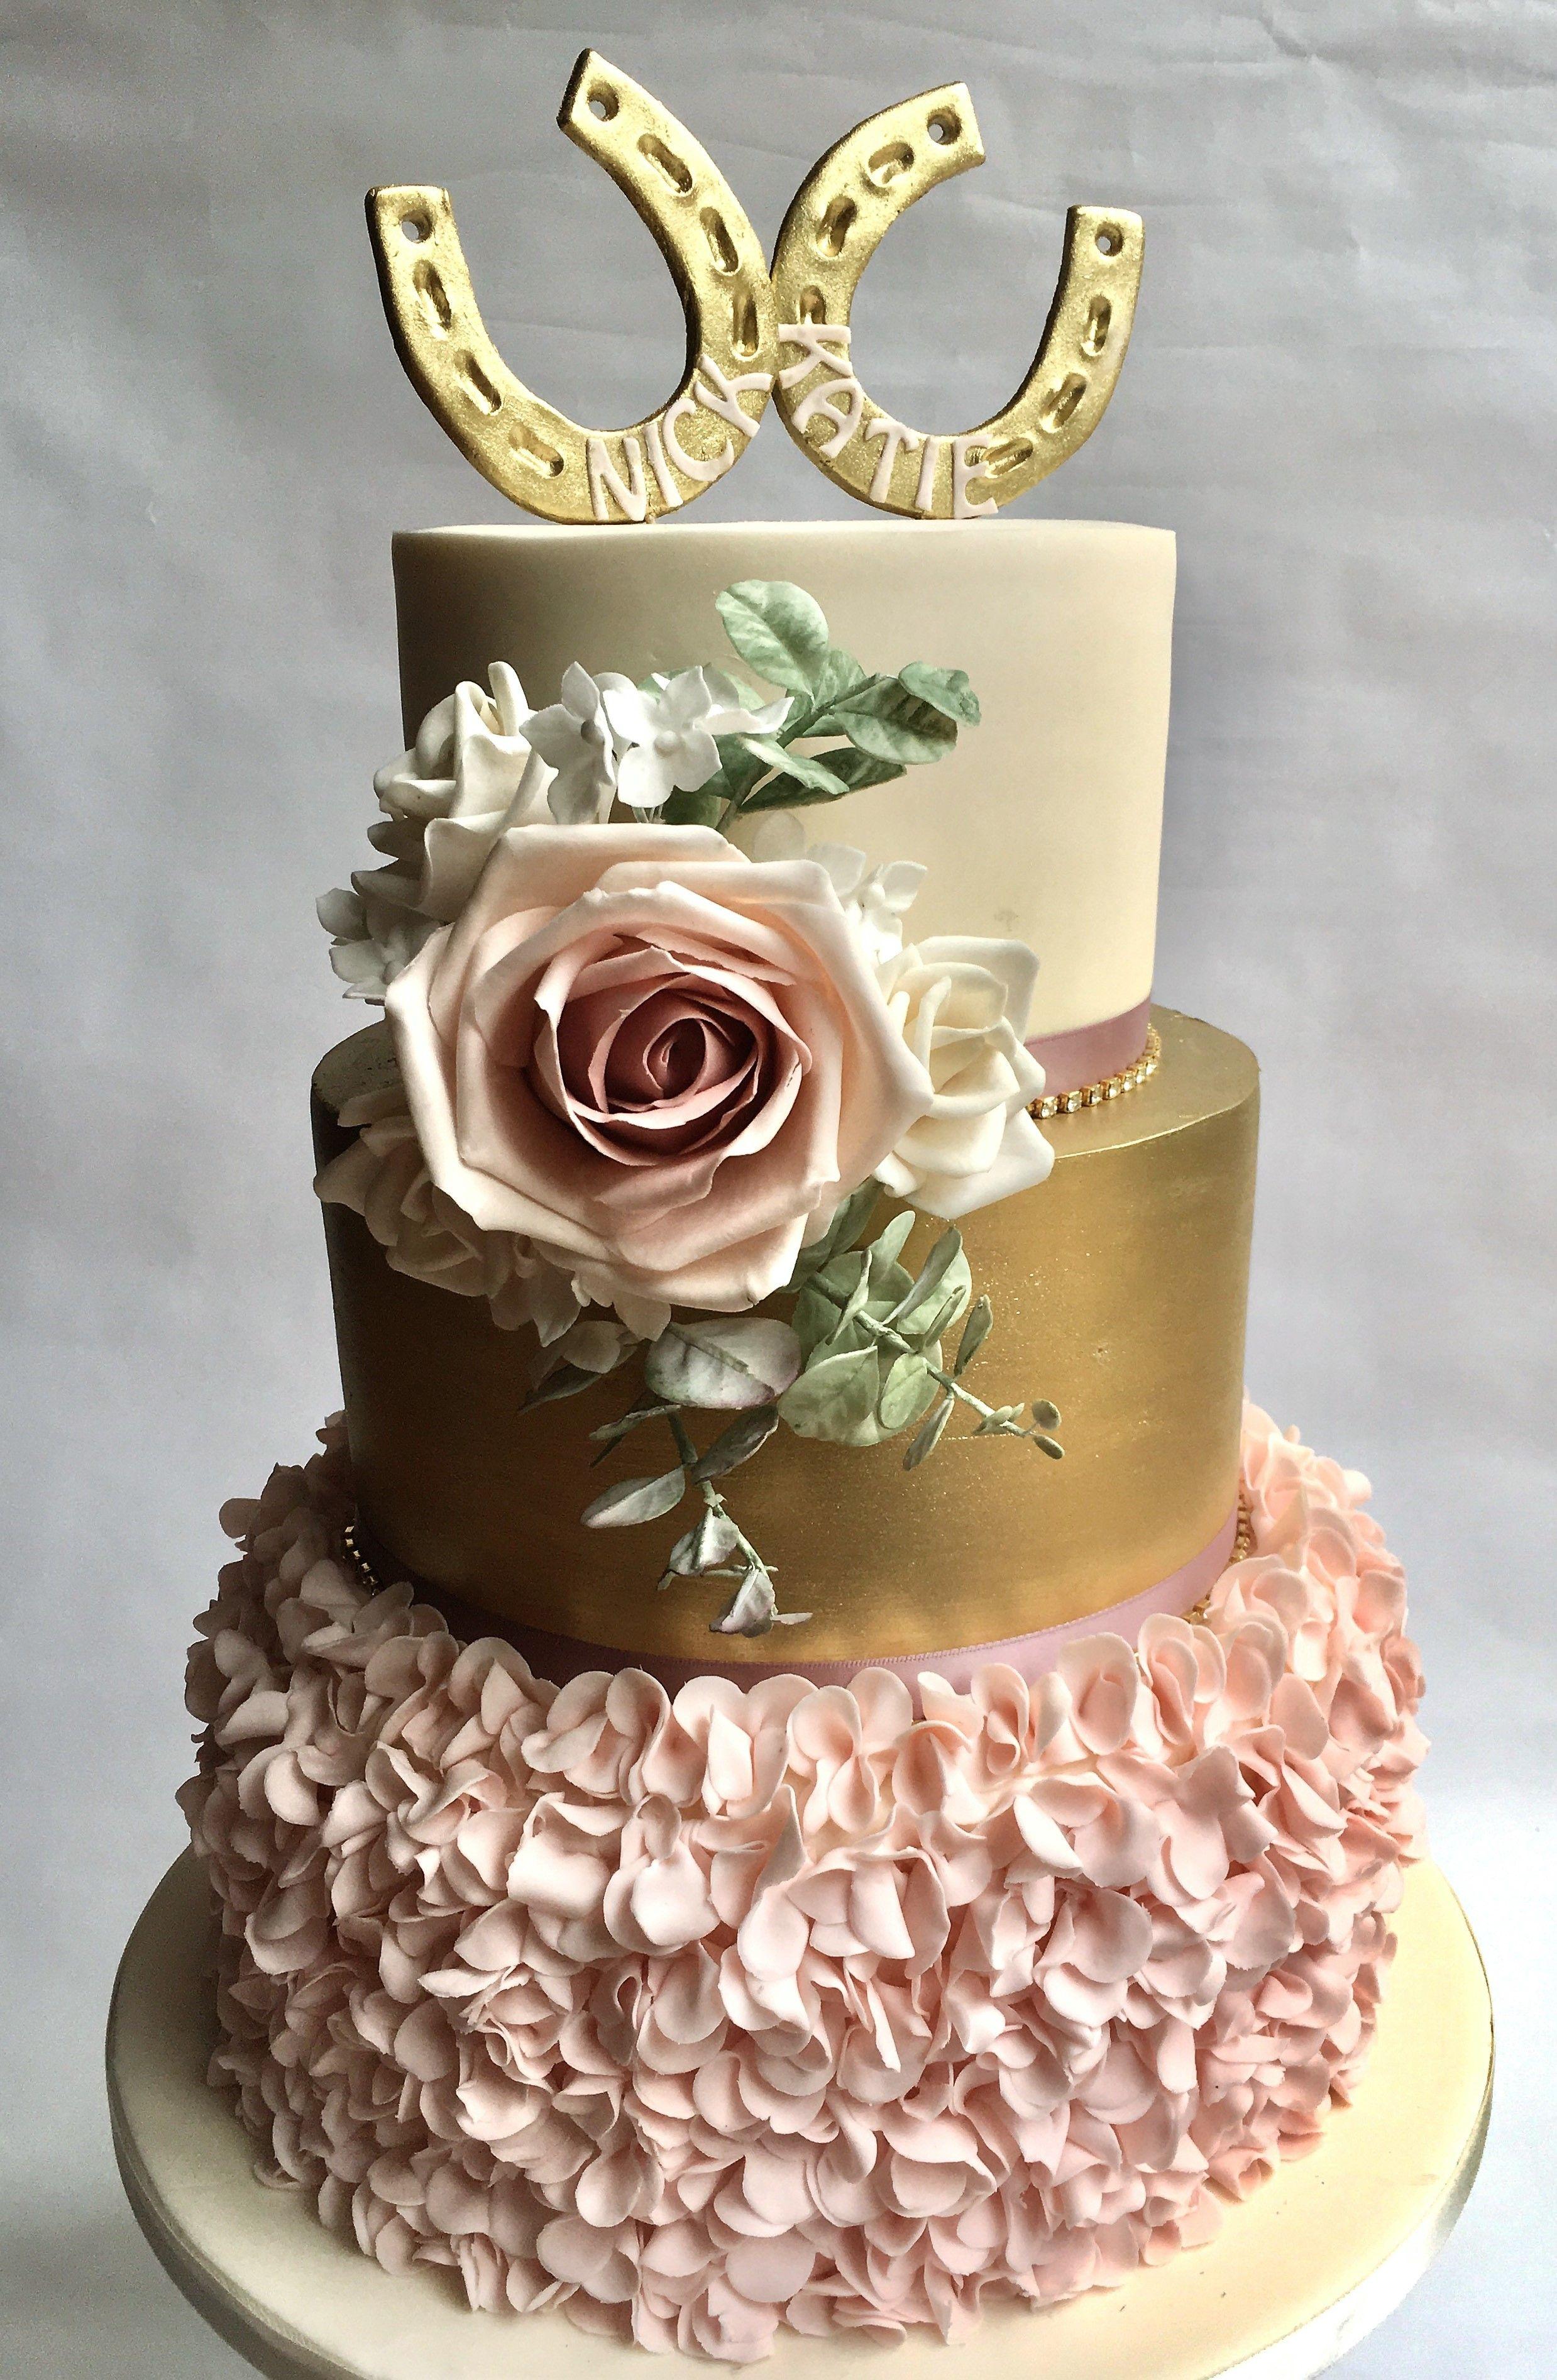 Iced Innovations Unique Horse Themed Wedding Cake Weddingcake